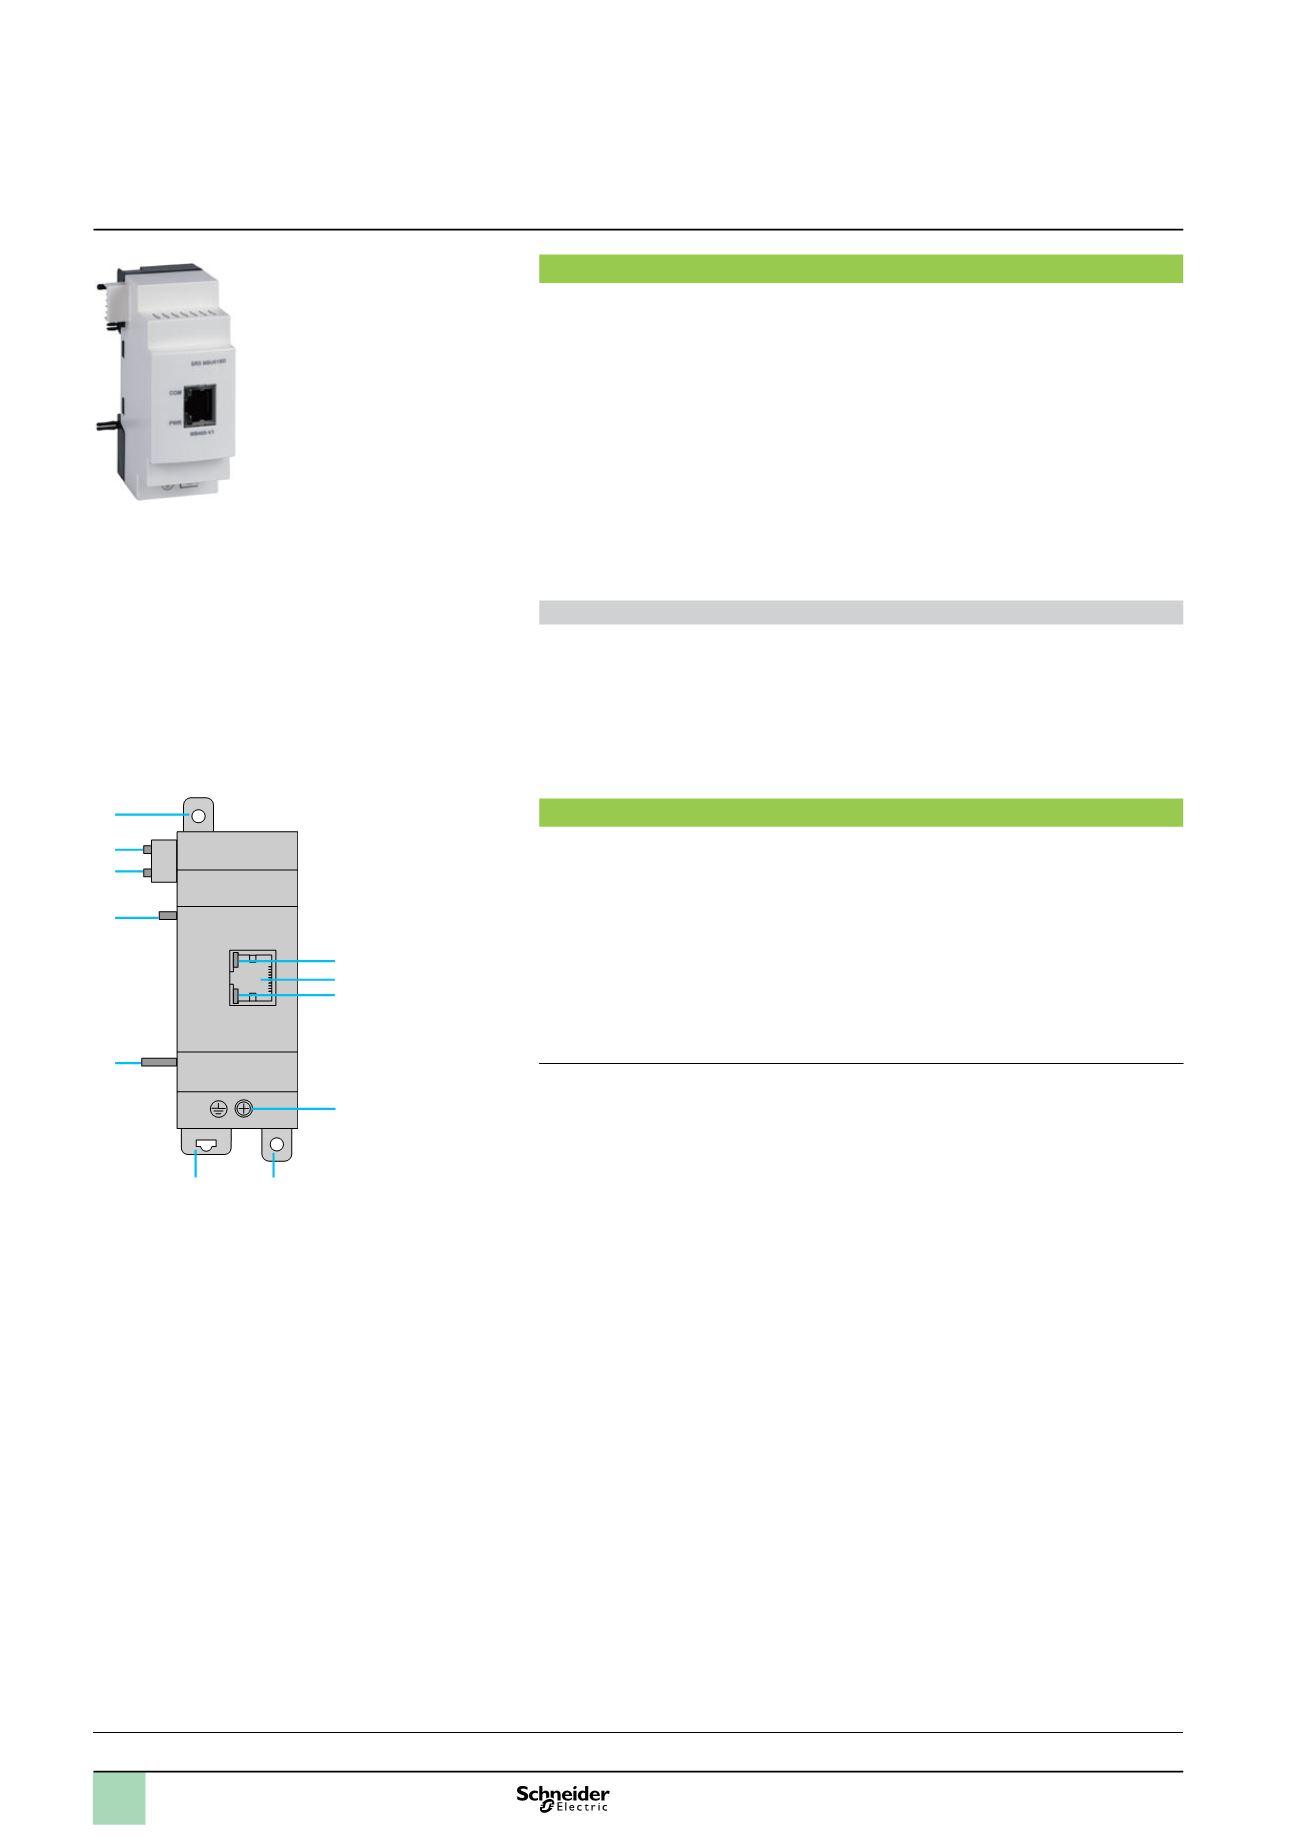 [DIAGRAM_5FD]  Smart relays Zelio Logic   Zelio Smart Relay Wiring Diagram      Smart relays Zelio Logic